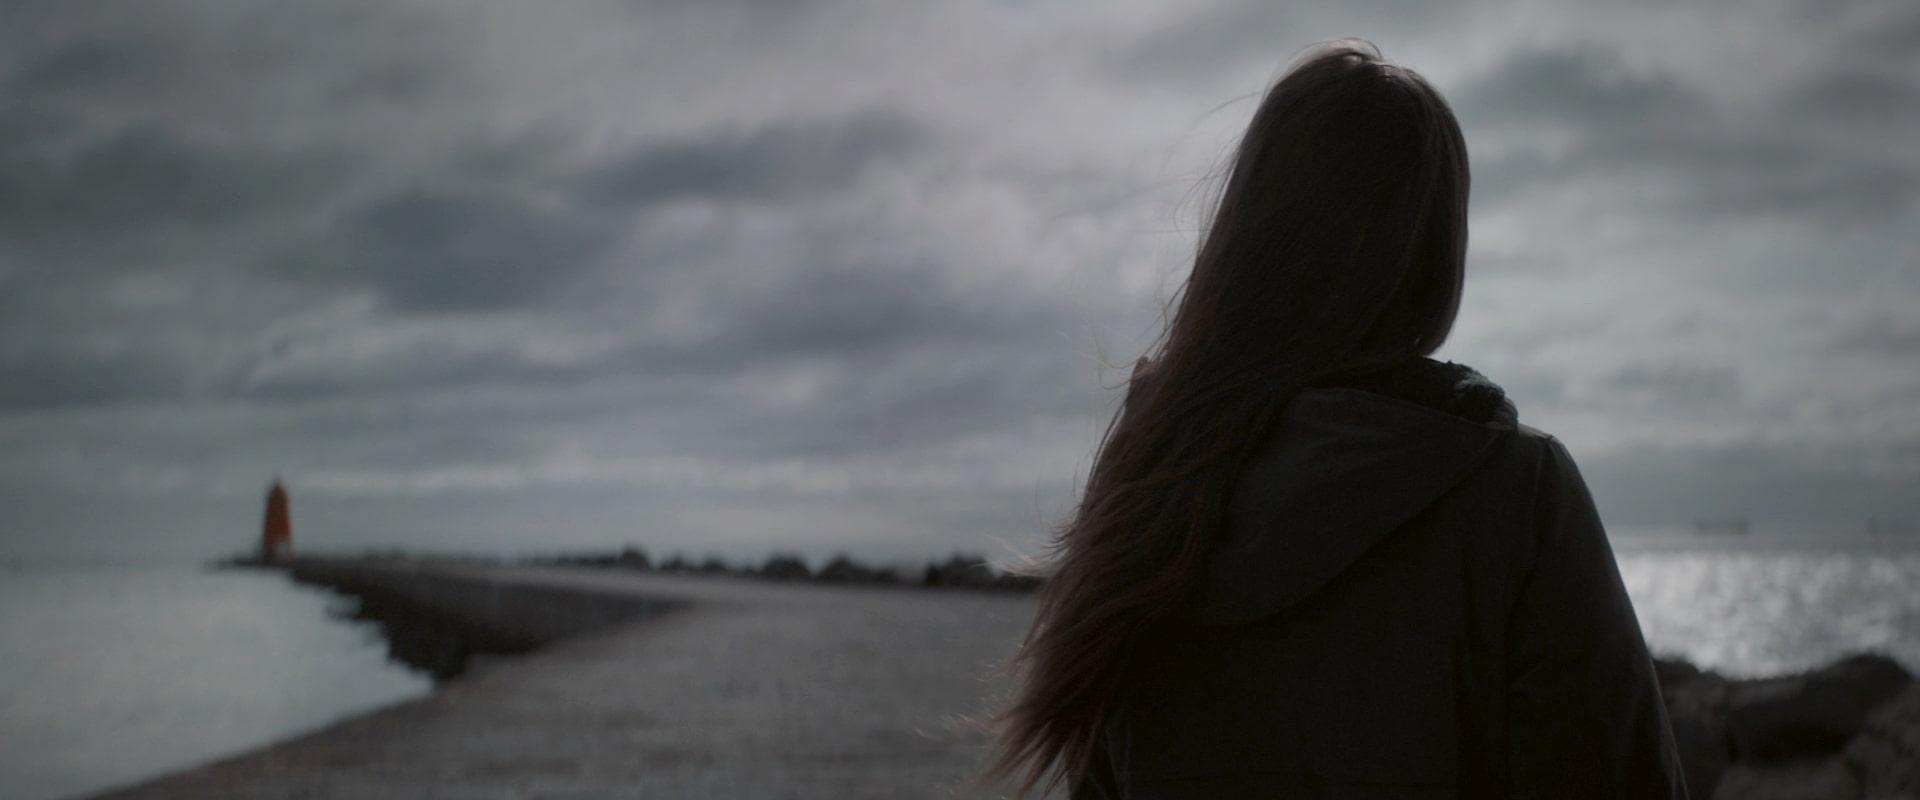 Рецензия на фильм «Роуз притворяется Джули». Deaddinos - изображение 4